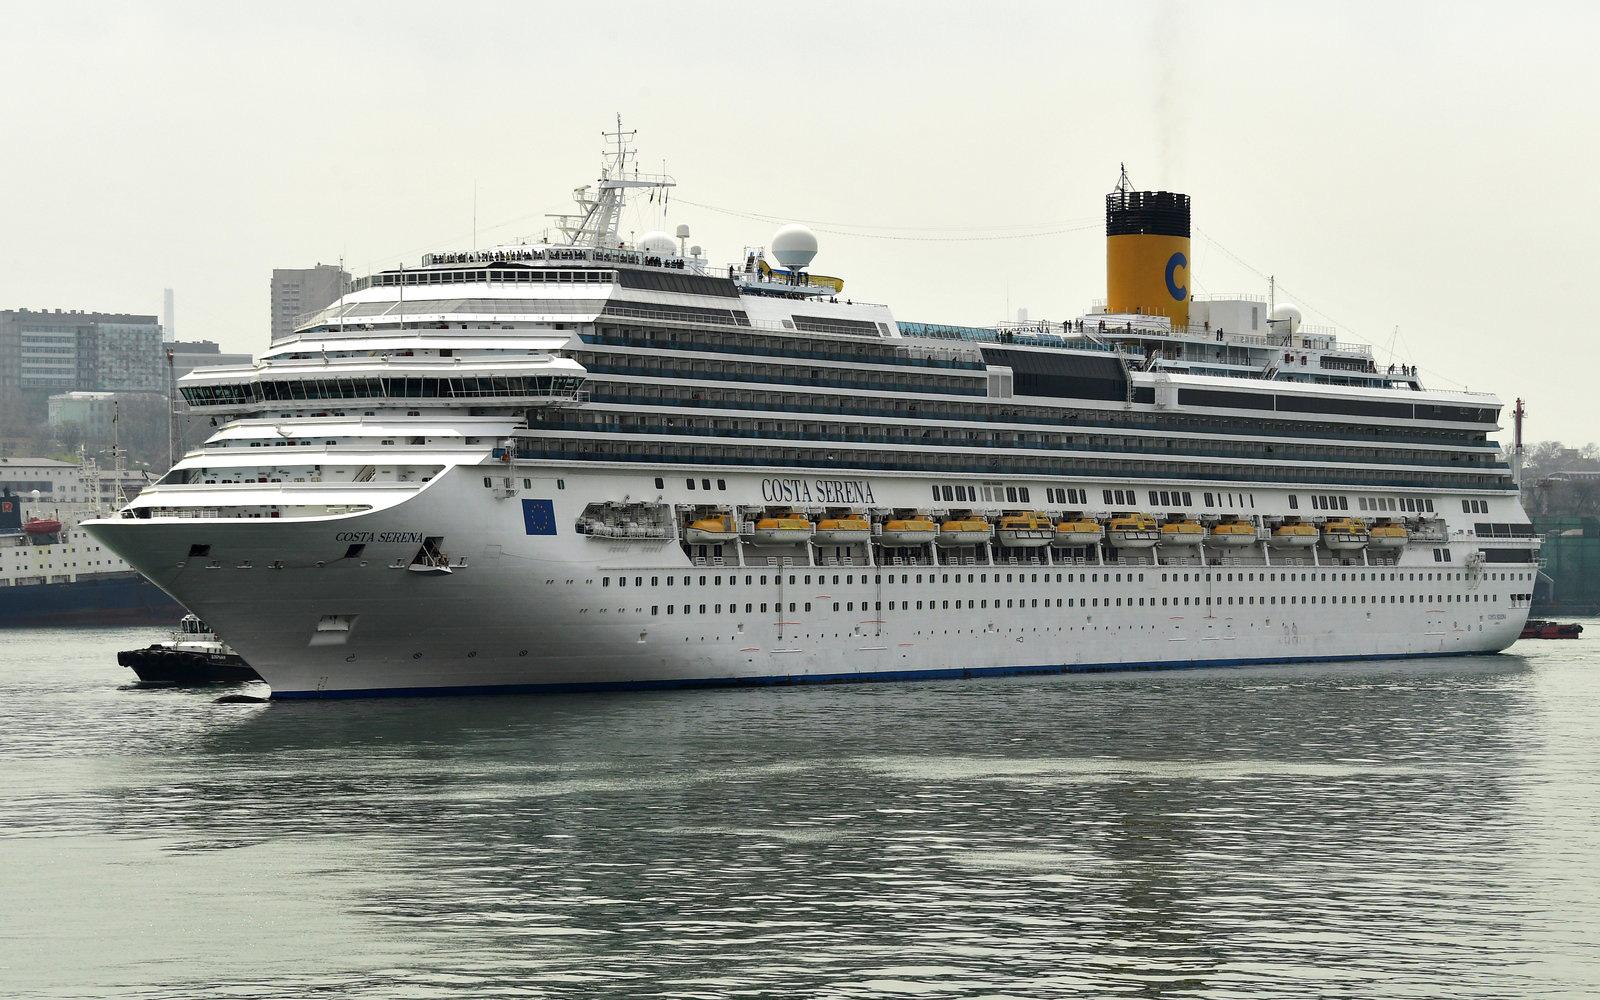 Các hãng tàu du lịch biển hủy bỏ chuyến đi tới Trung Quốc do lo ngại virus Corona - Ảnh 1.